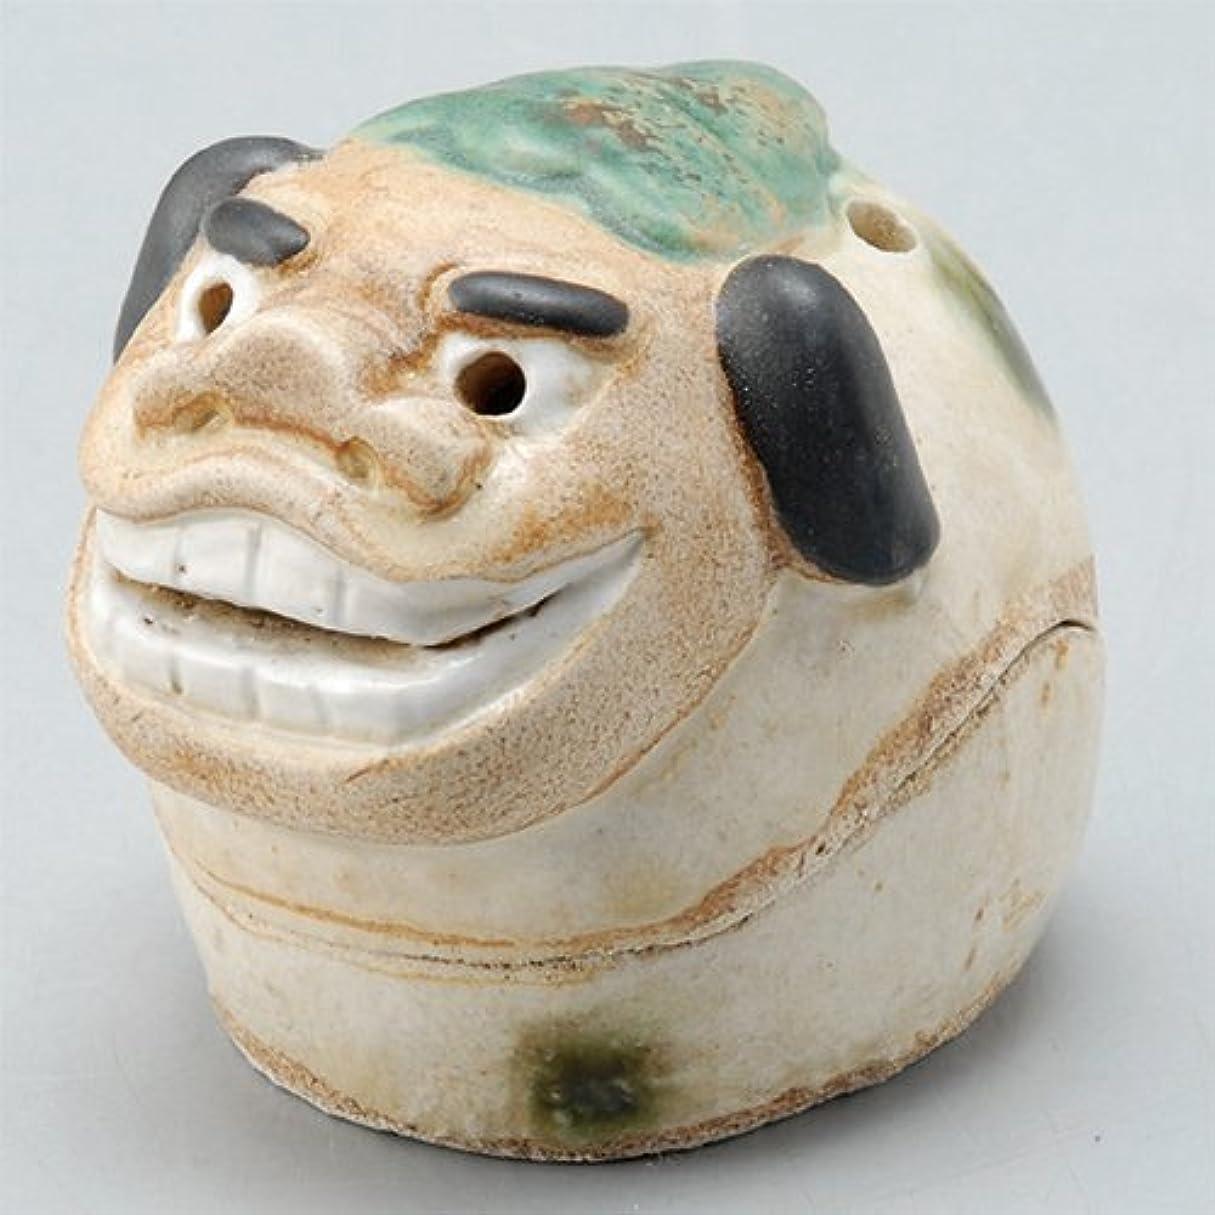 疑い者不愉快ハウス香炉 飾り香炉(獅子頭) [H5.5cm] HANDMADE プレゼント ギフト 和食器 かわいい インテリア